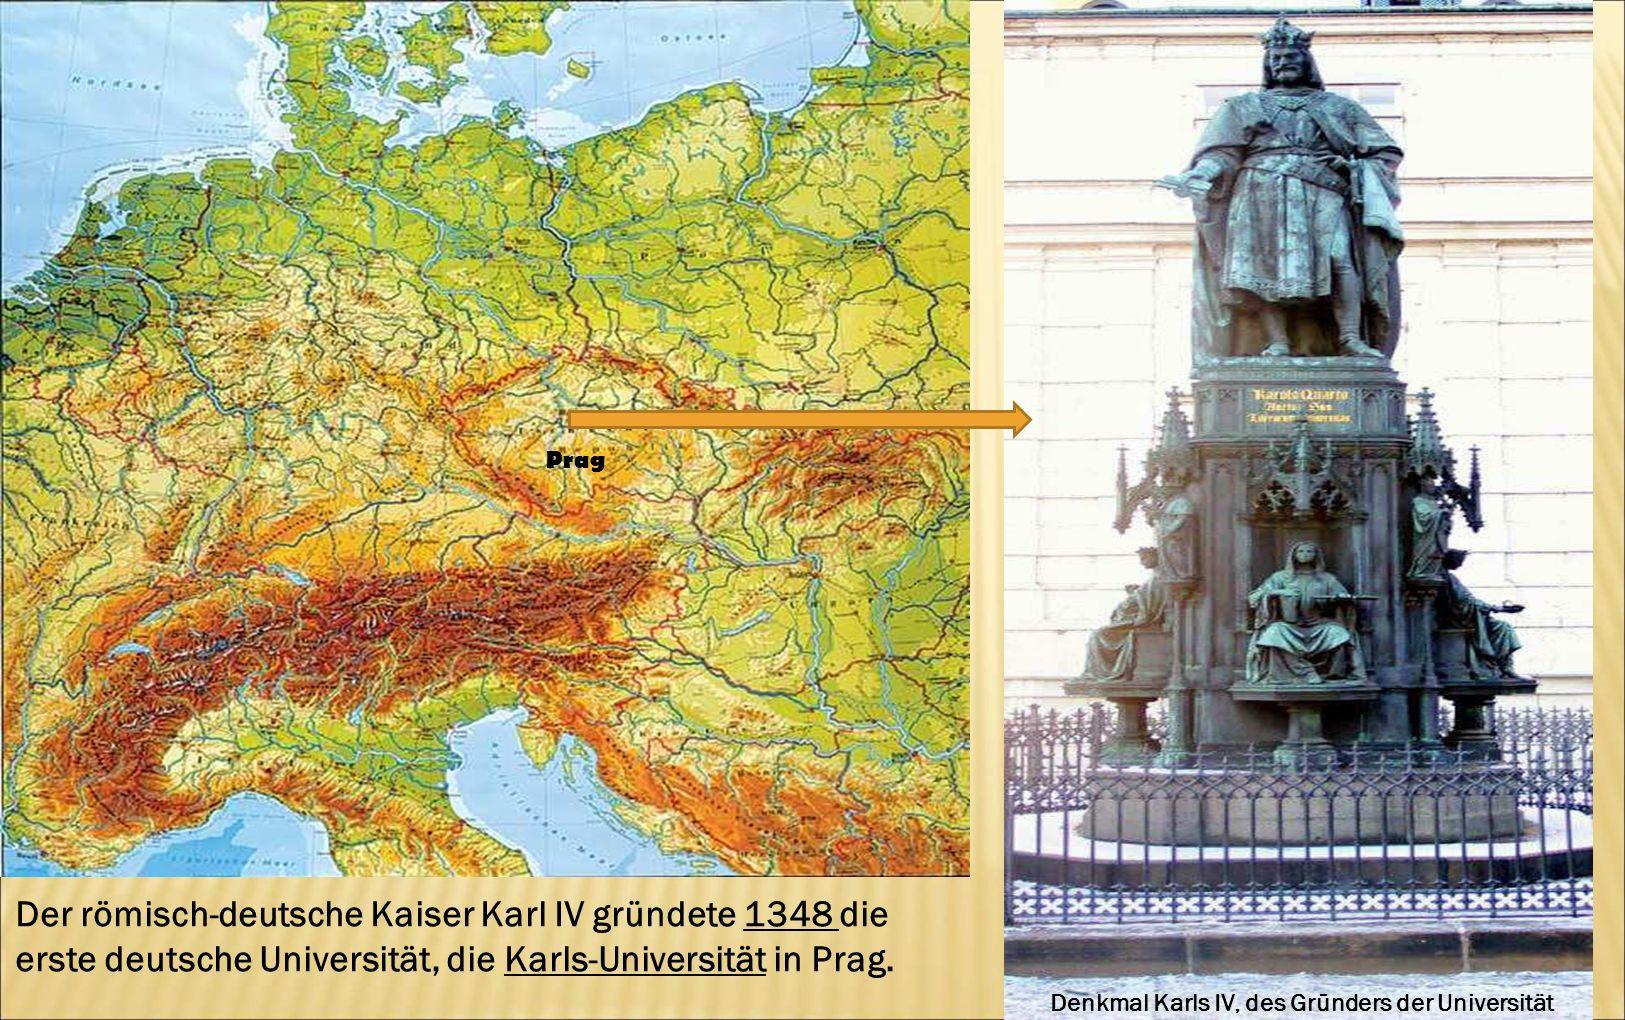 Denkmal Karls IV, des Gründers der Universität Der römisch-deutsche Kaiser Karl IV gründete 1348 die erste deutsche Universität, die Karls-Universität